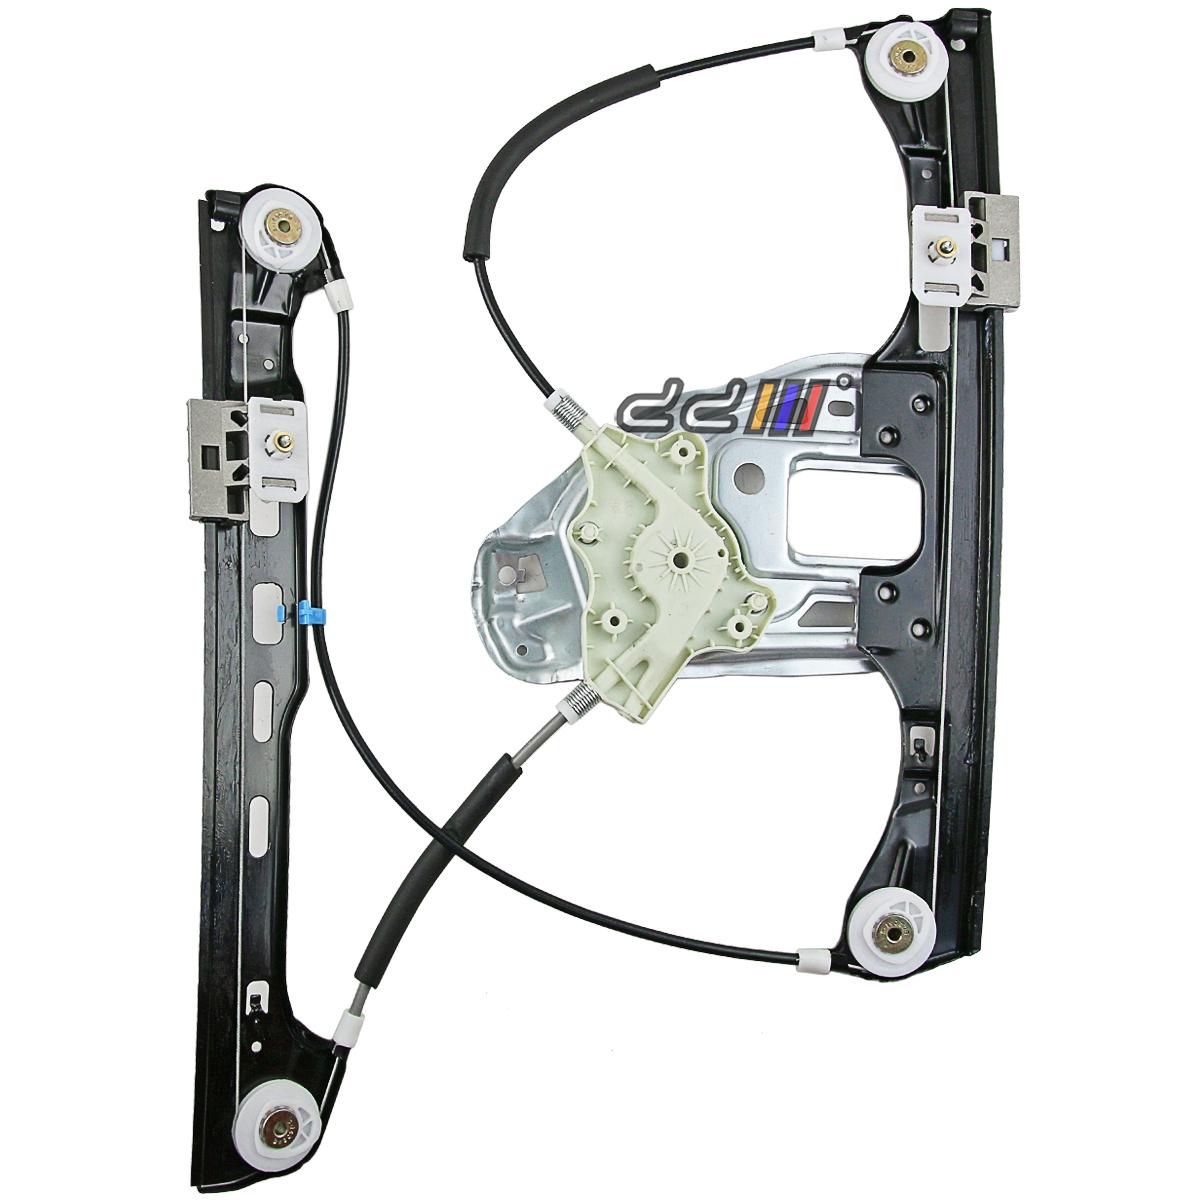 Power window regulator repair kit for Mercedes e320 1998-2005